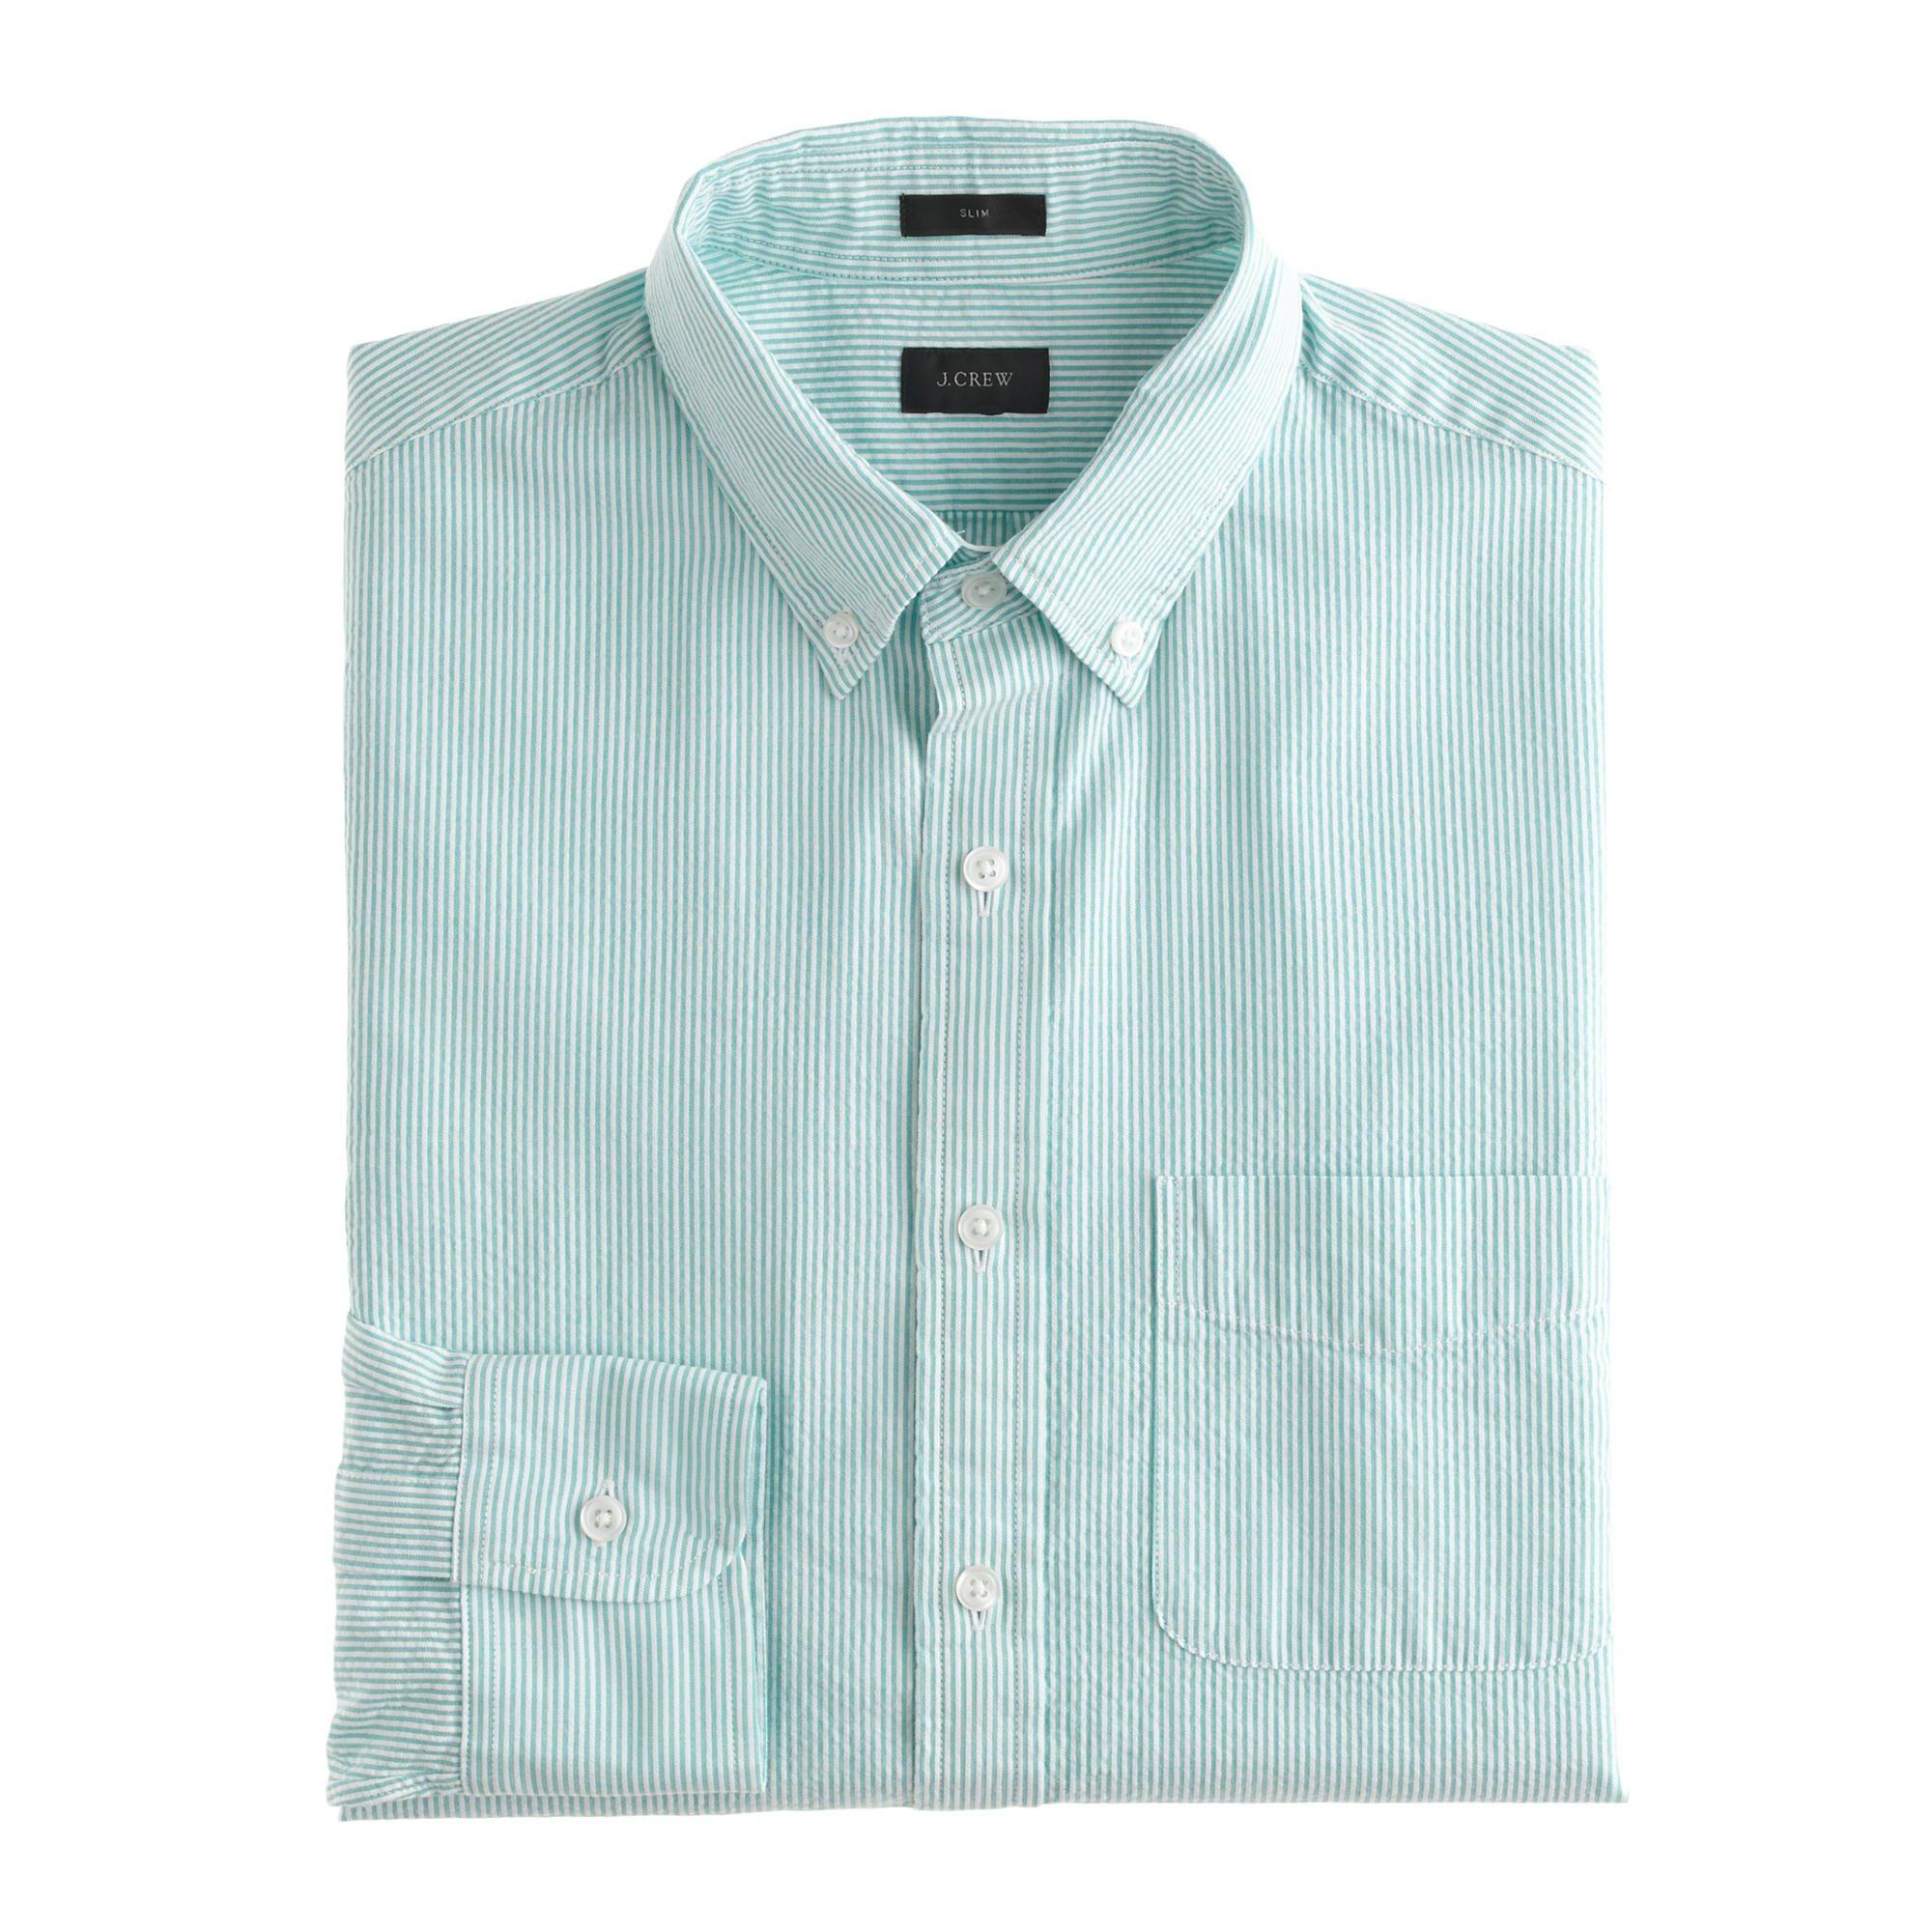 Mens Seersucker Shirts 113